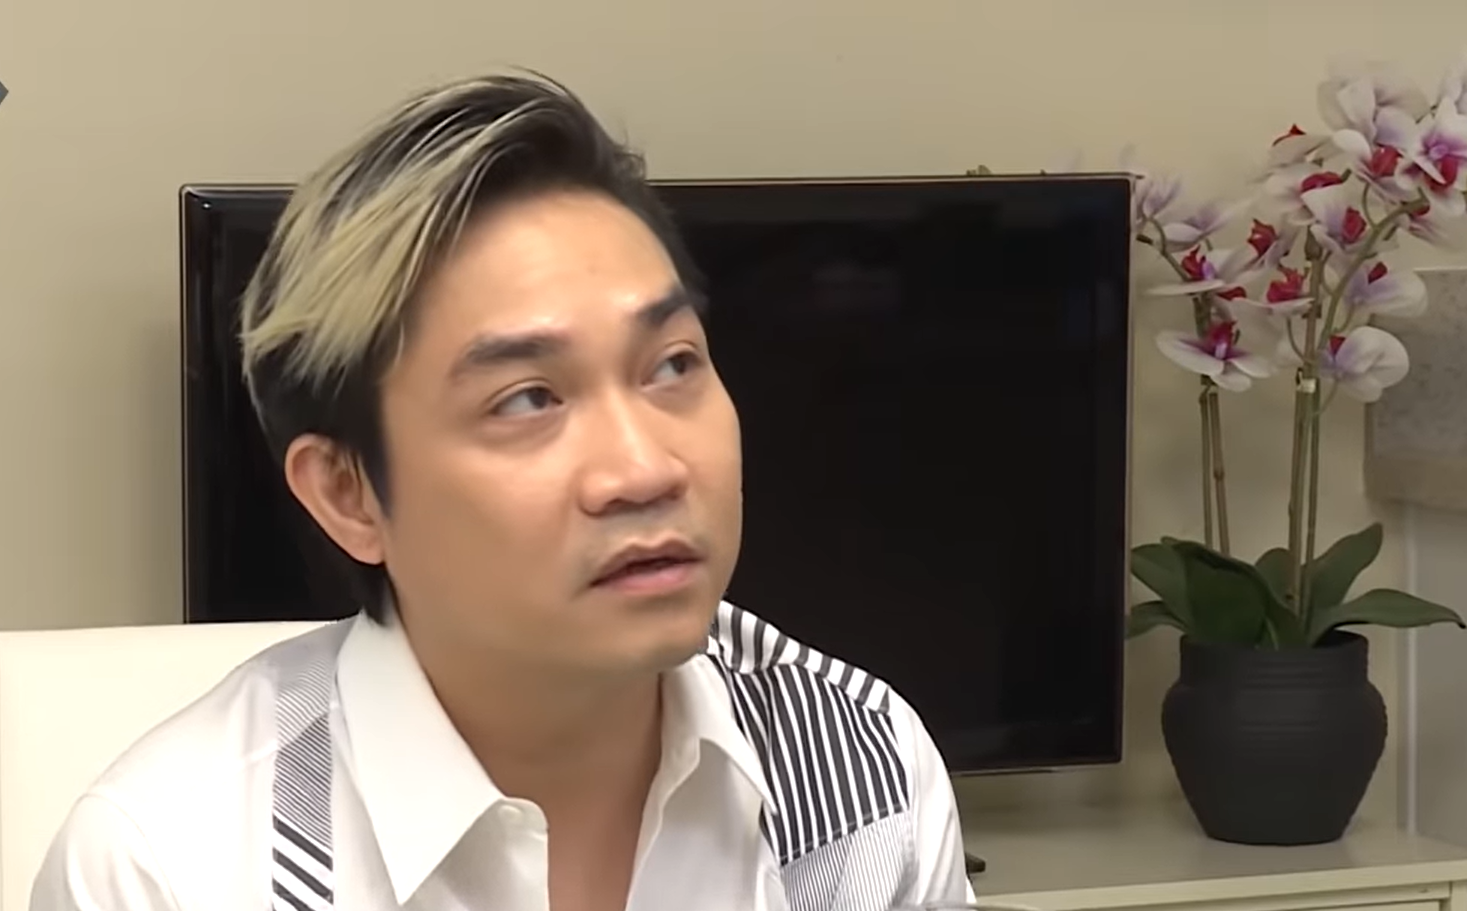 """Phạm Khánh Hưng: """"Tôi mất trắng 1 triệu đô la chỉ sau một tháng"""""""